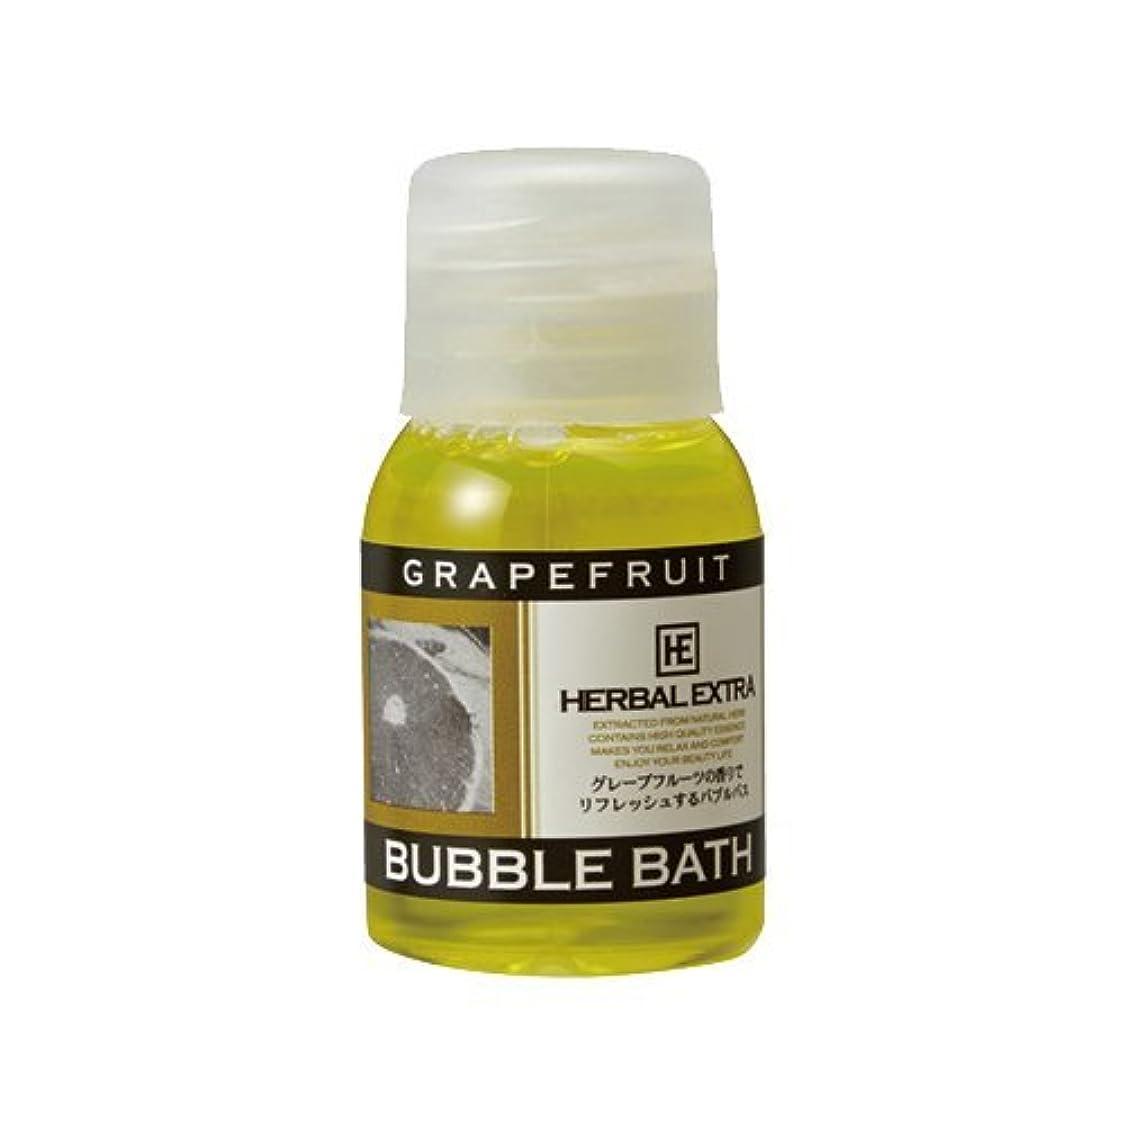 流体著作権伝導ハーバルエクストラ バブルバス ミニボトル グレープフルーツの香り × 10個セット - ホテルアメニティ 業務用 発泡入浴剤 (BUBBLE BATH)